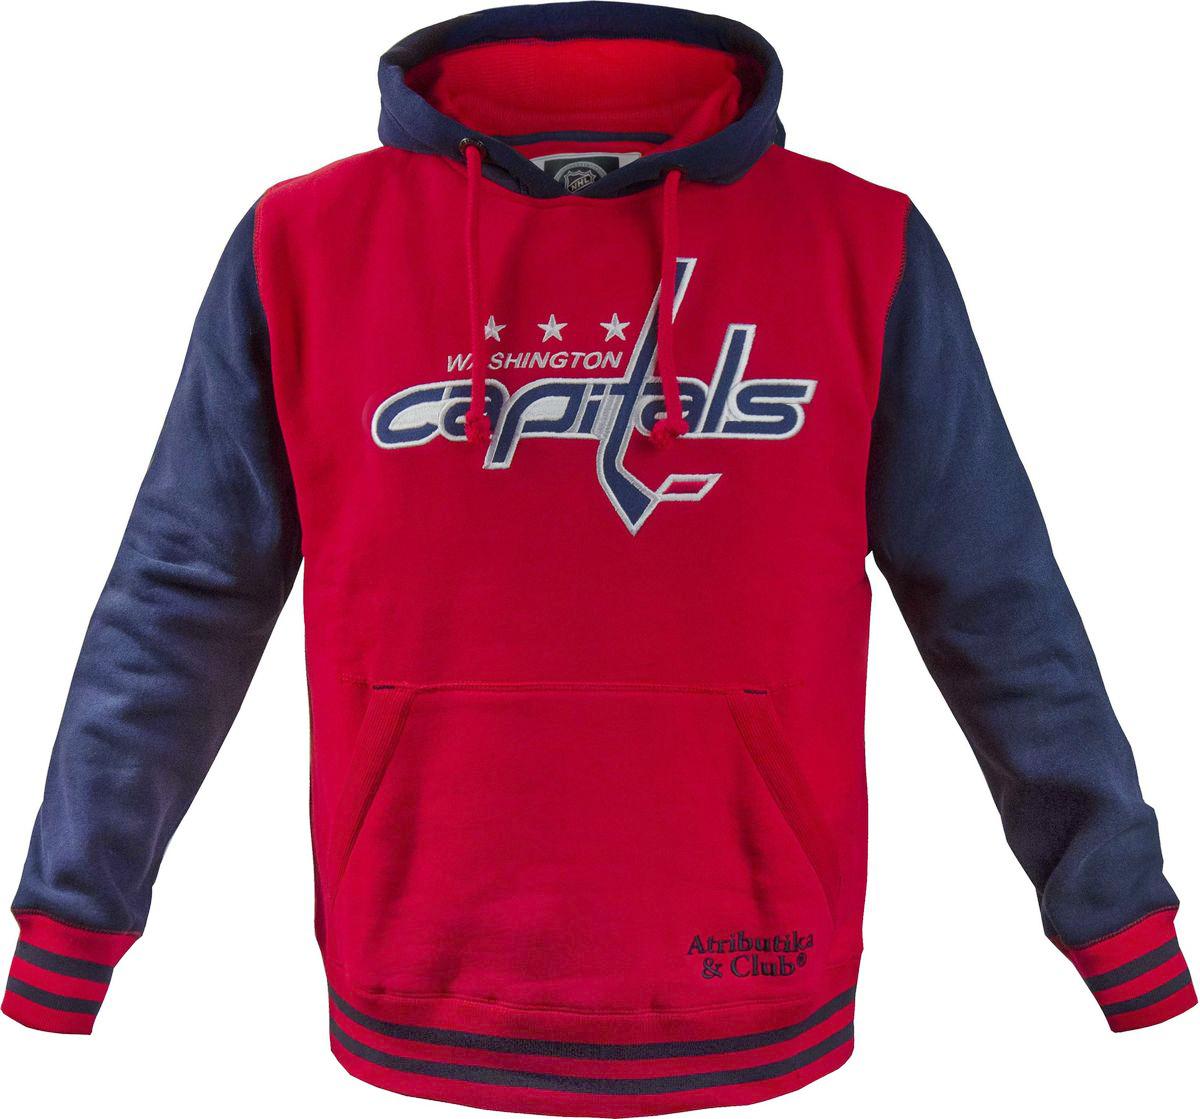 Толстовка мужская Atributika & Club Washington Capitals, цвет: красный, синий. 35790. Размер XS (44)35790Мужская толстовка Atributika & Club выполнена из хлопкового трикотажа. Модель с длинными рукавами и капюшоном на груди оформлена логотипом хоккейного клуба Washington Capitals. Имеется карман-кенгуру.